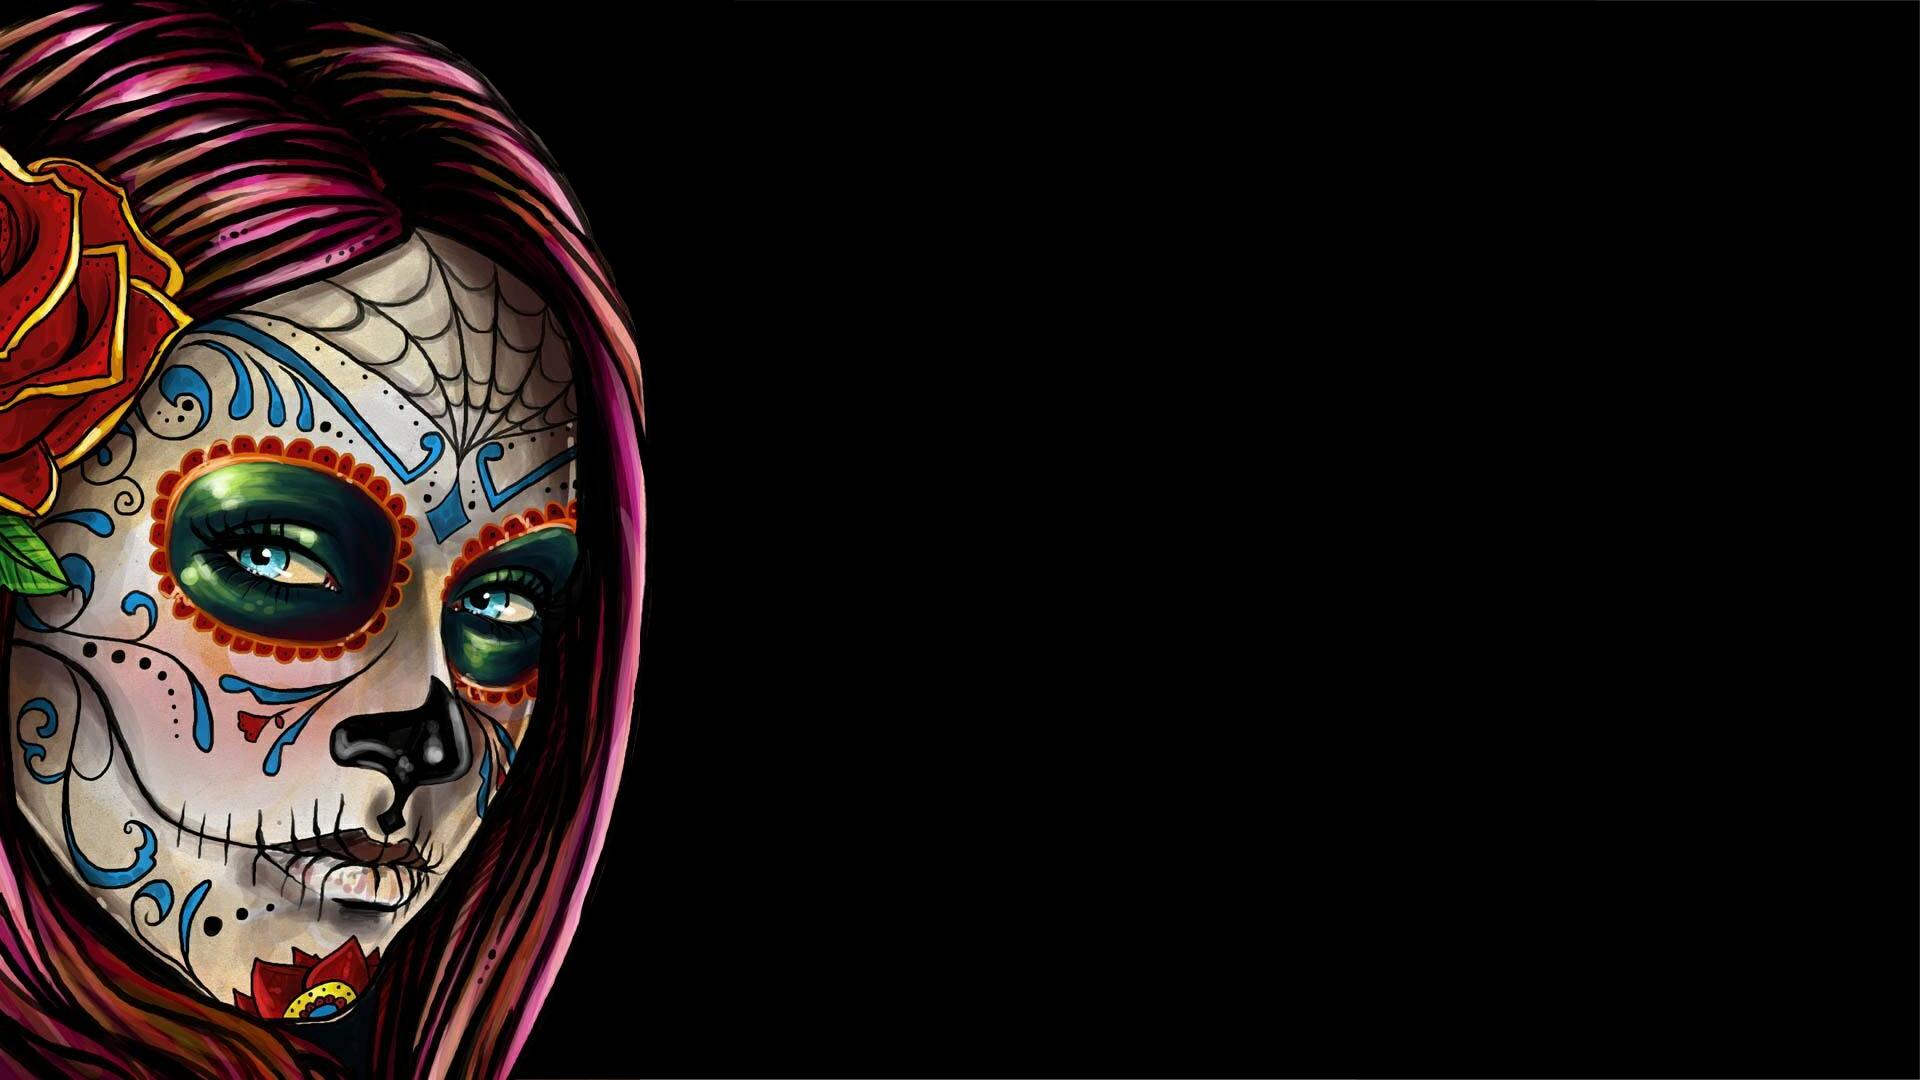 Sugar Skull Wallpaper for iPhone - WallpaperSafari